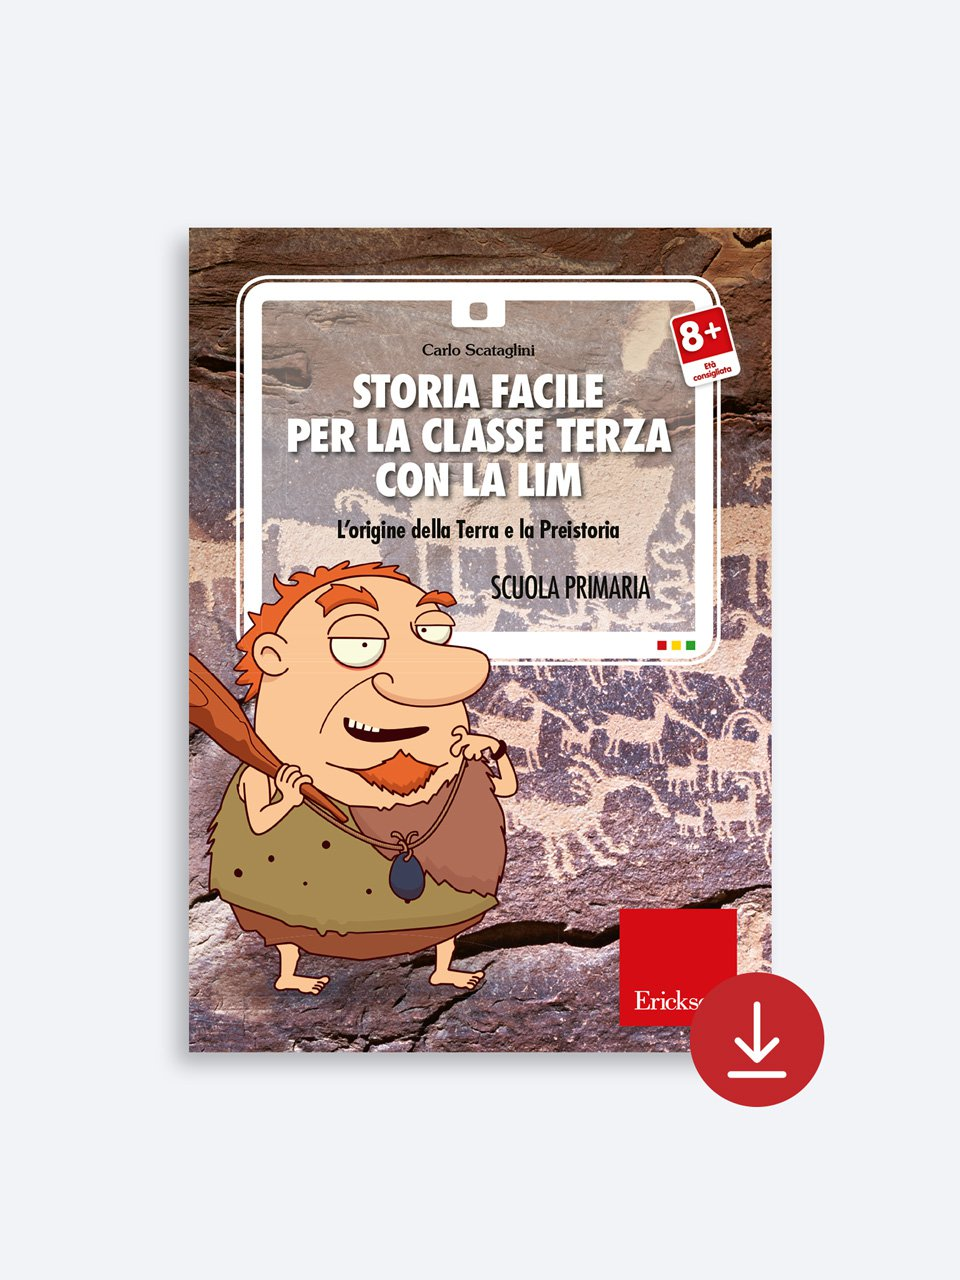 Storia facile per la classe terza - Storia facile per la classe quinta - Libri - App e software - Erickson 3